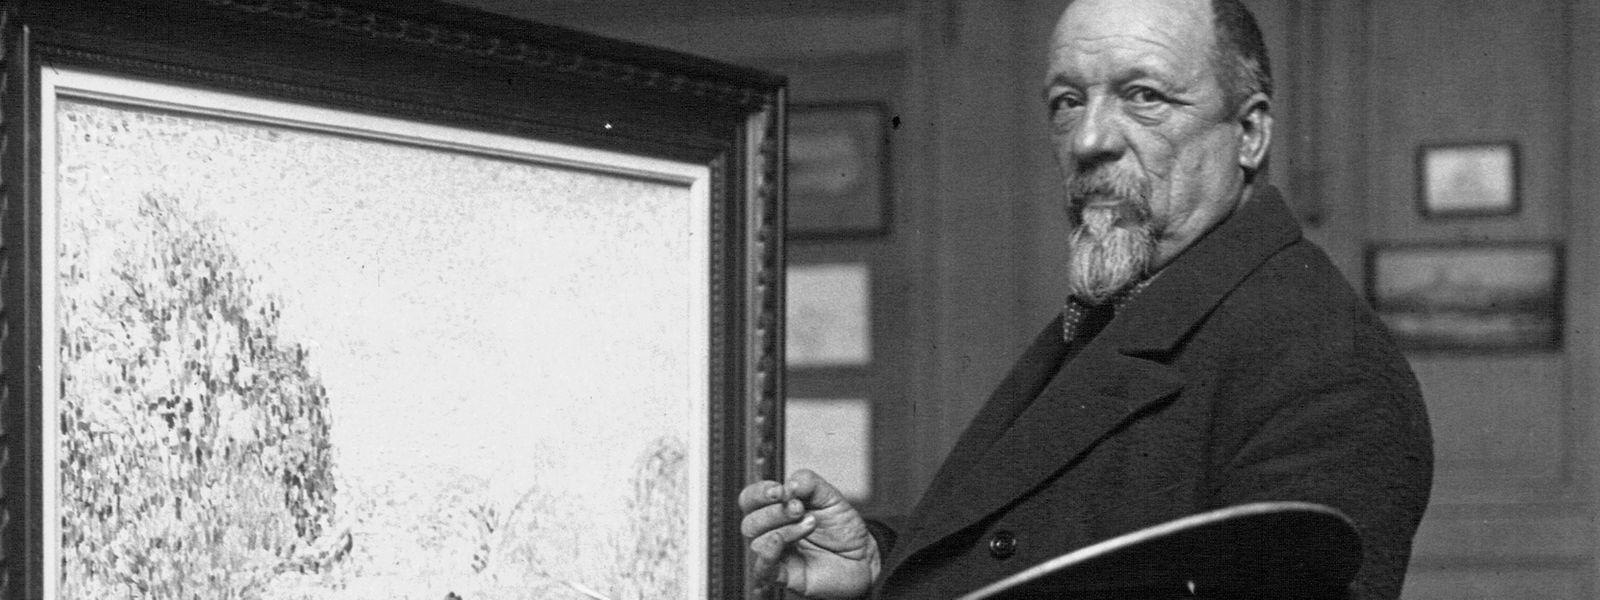 Paul Signac im Jahr 1923 bei der Arbeit.